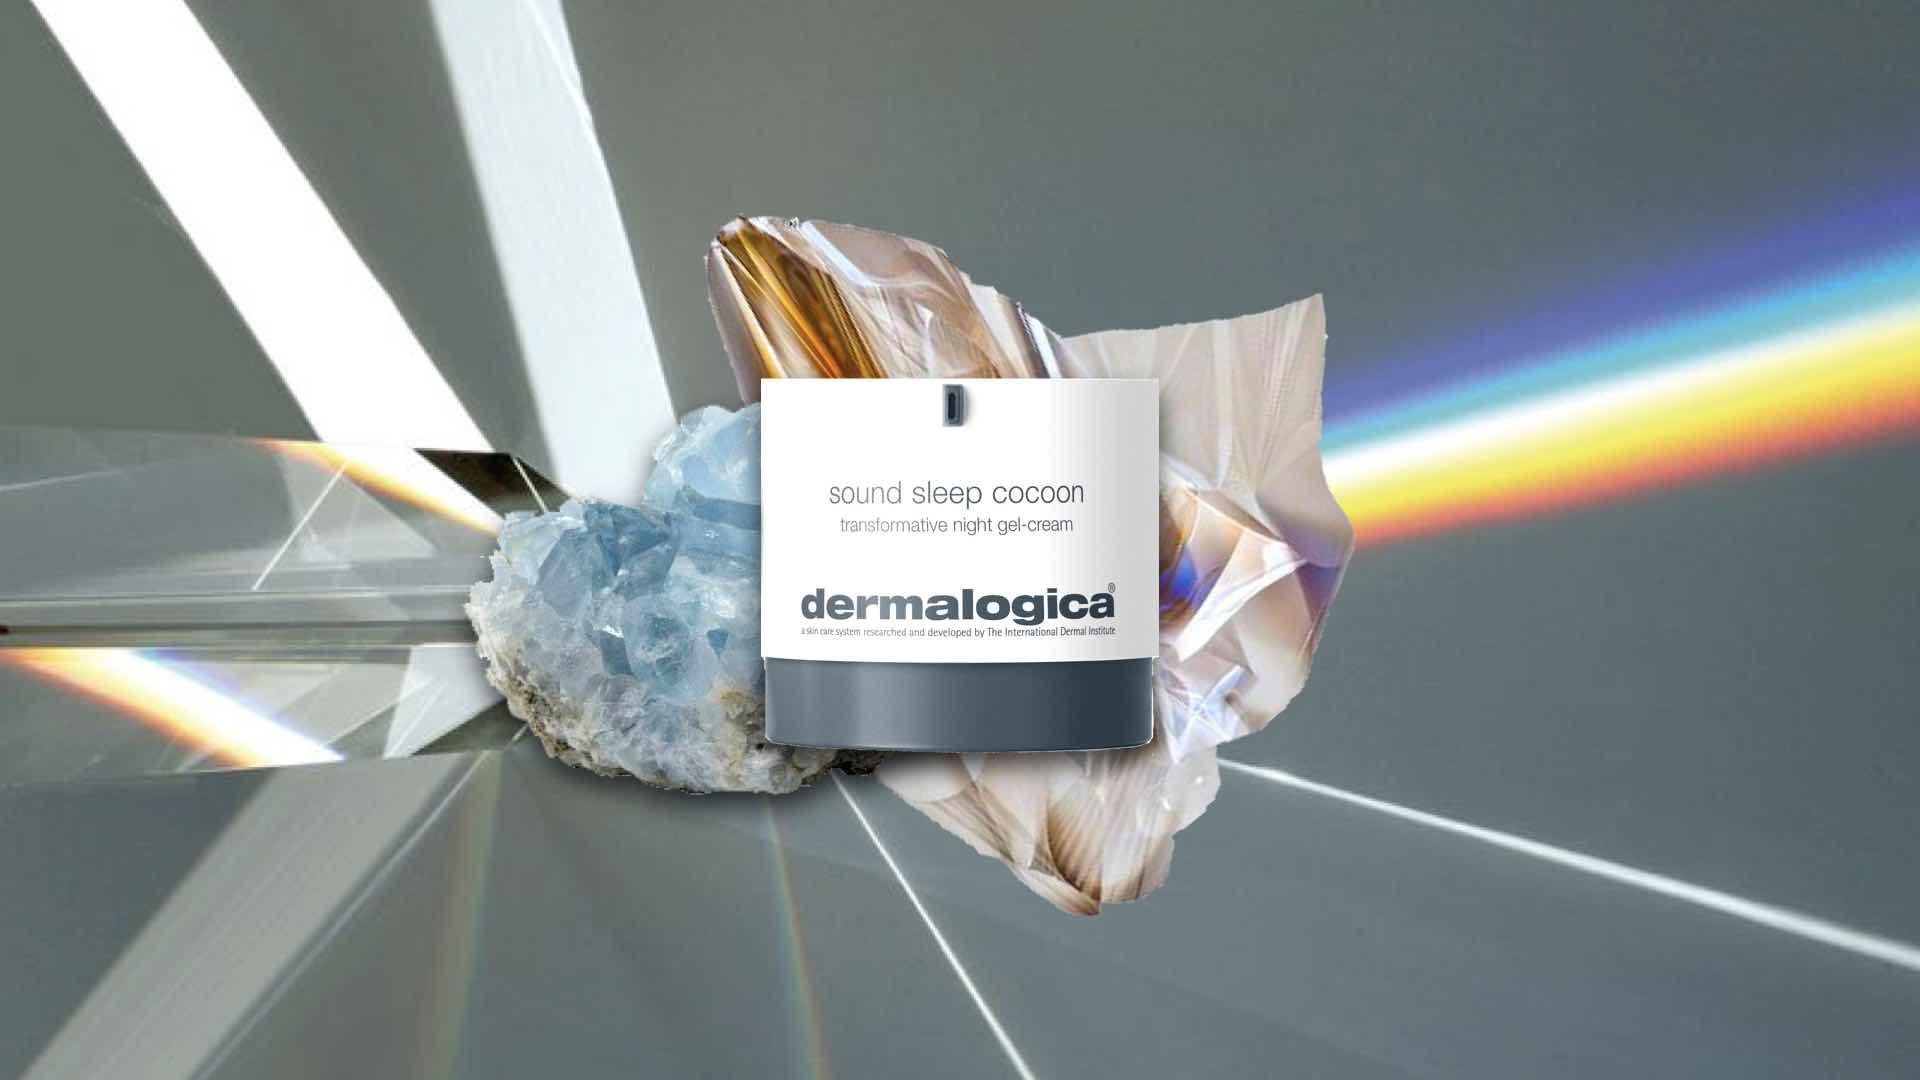 dermalogica_sound_sleep-cocoon